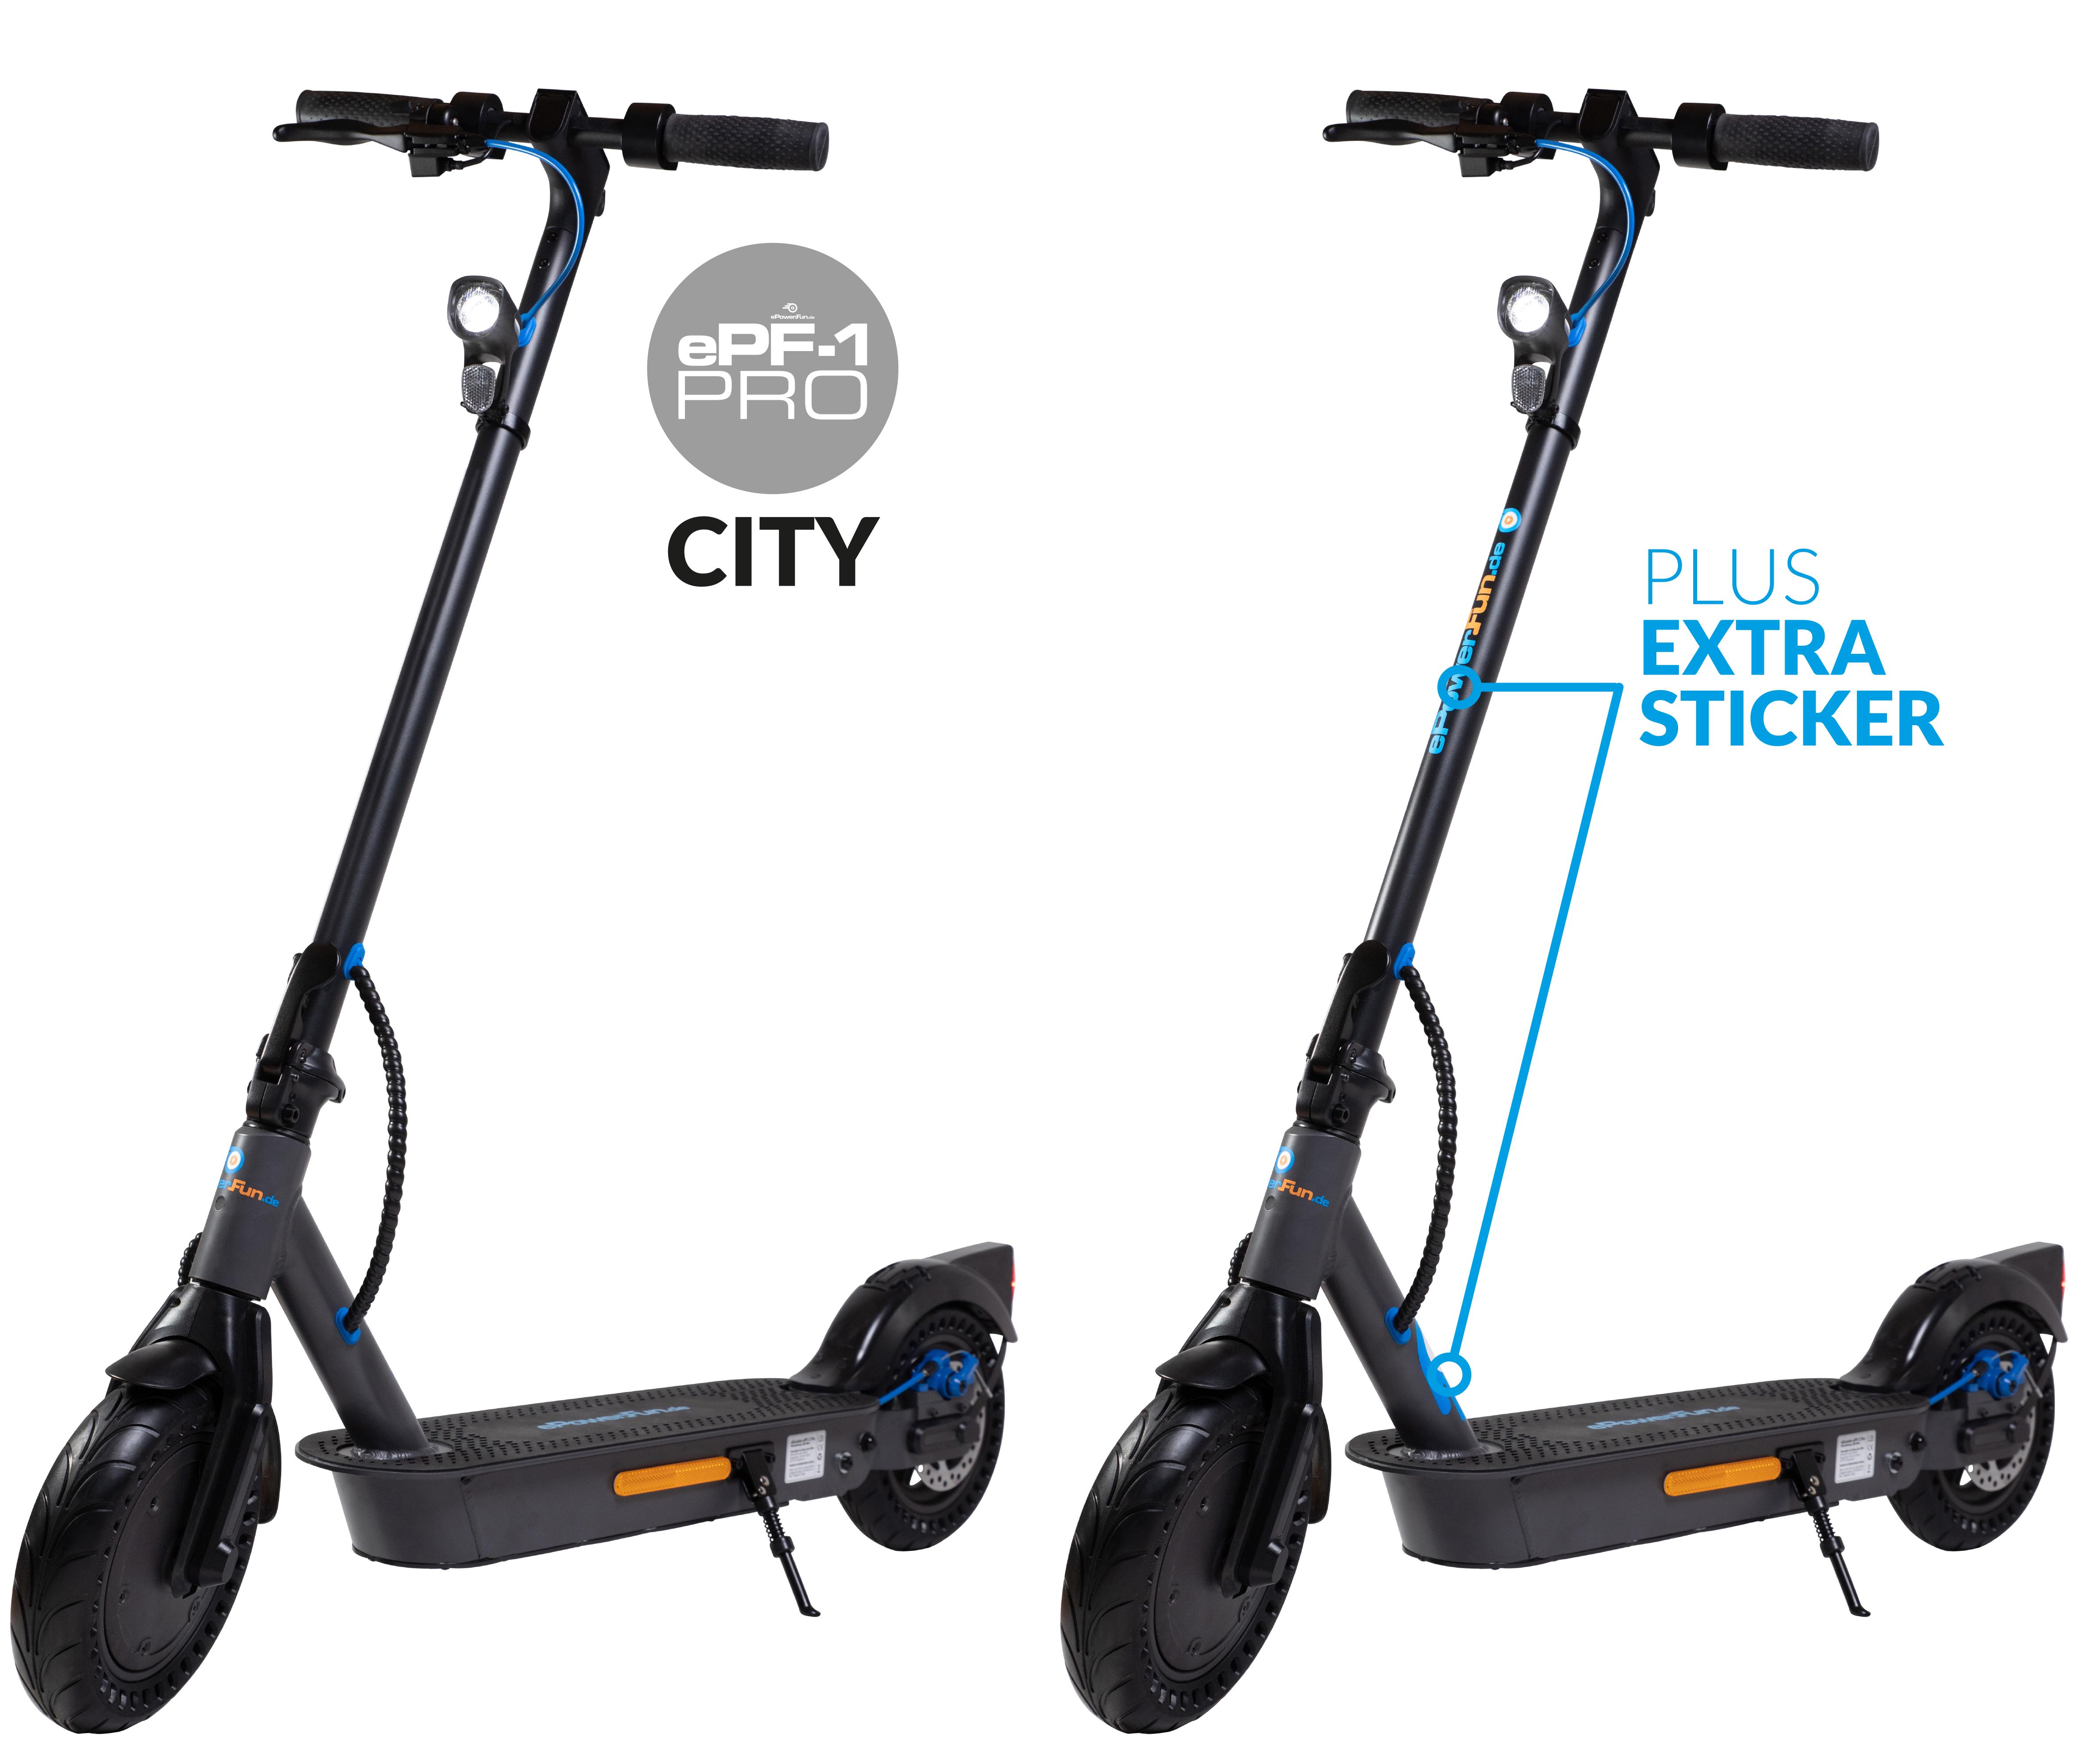 Vorbestellung - ePF-1 PRO City eScooter mit Straßenzulassung